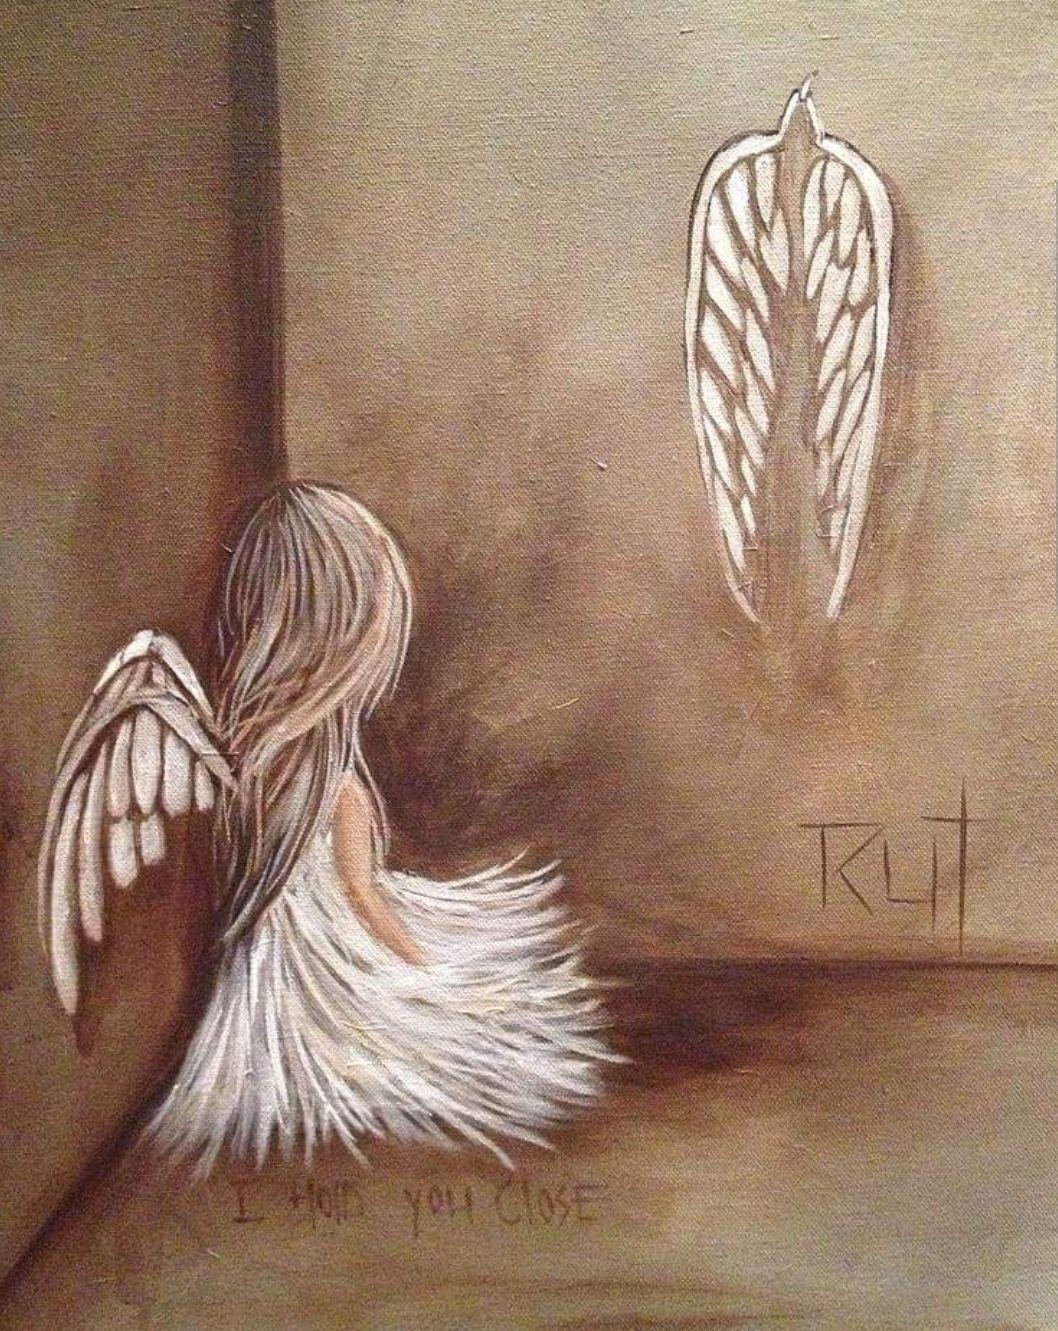 Ключ с крыльями картинки